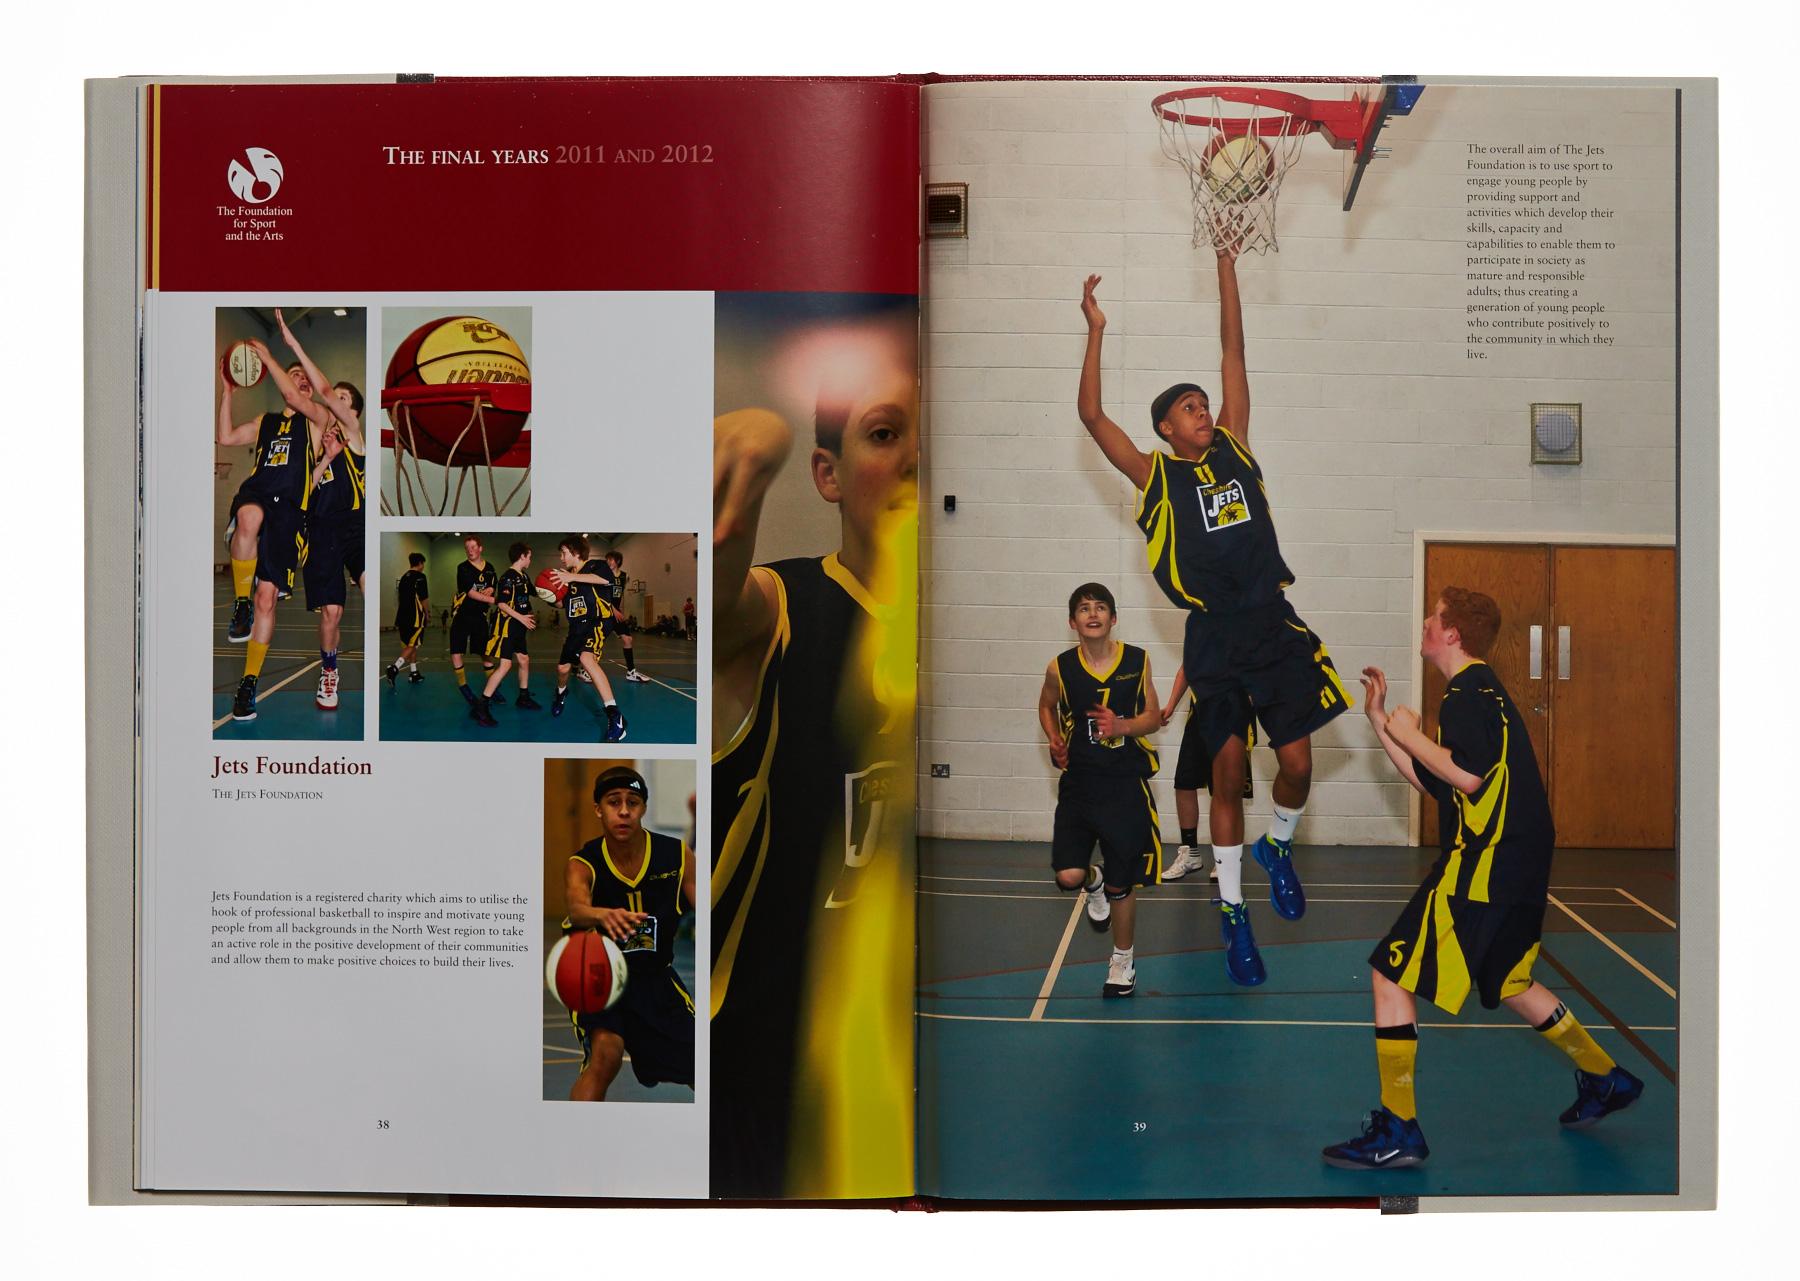 foundation-sport-arts-2012-11.jpg